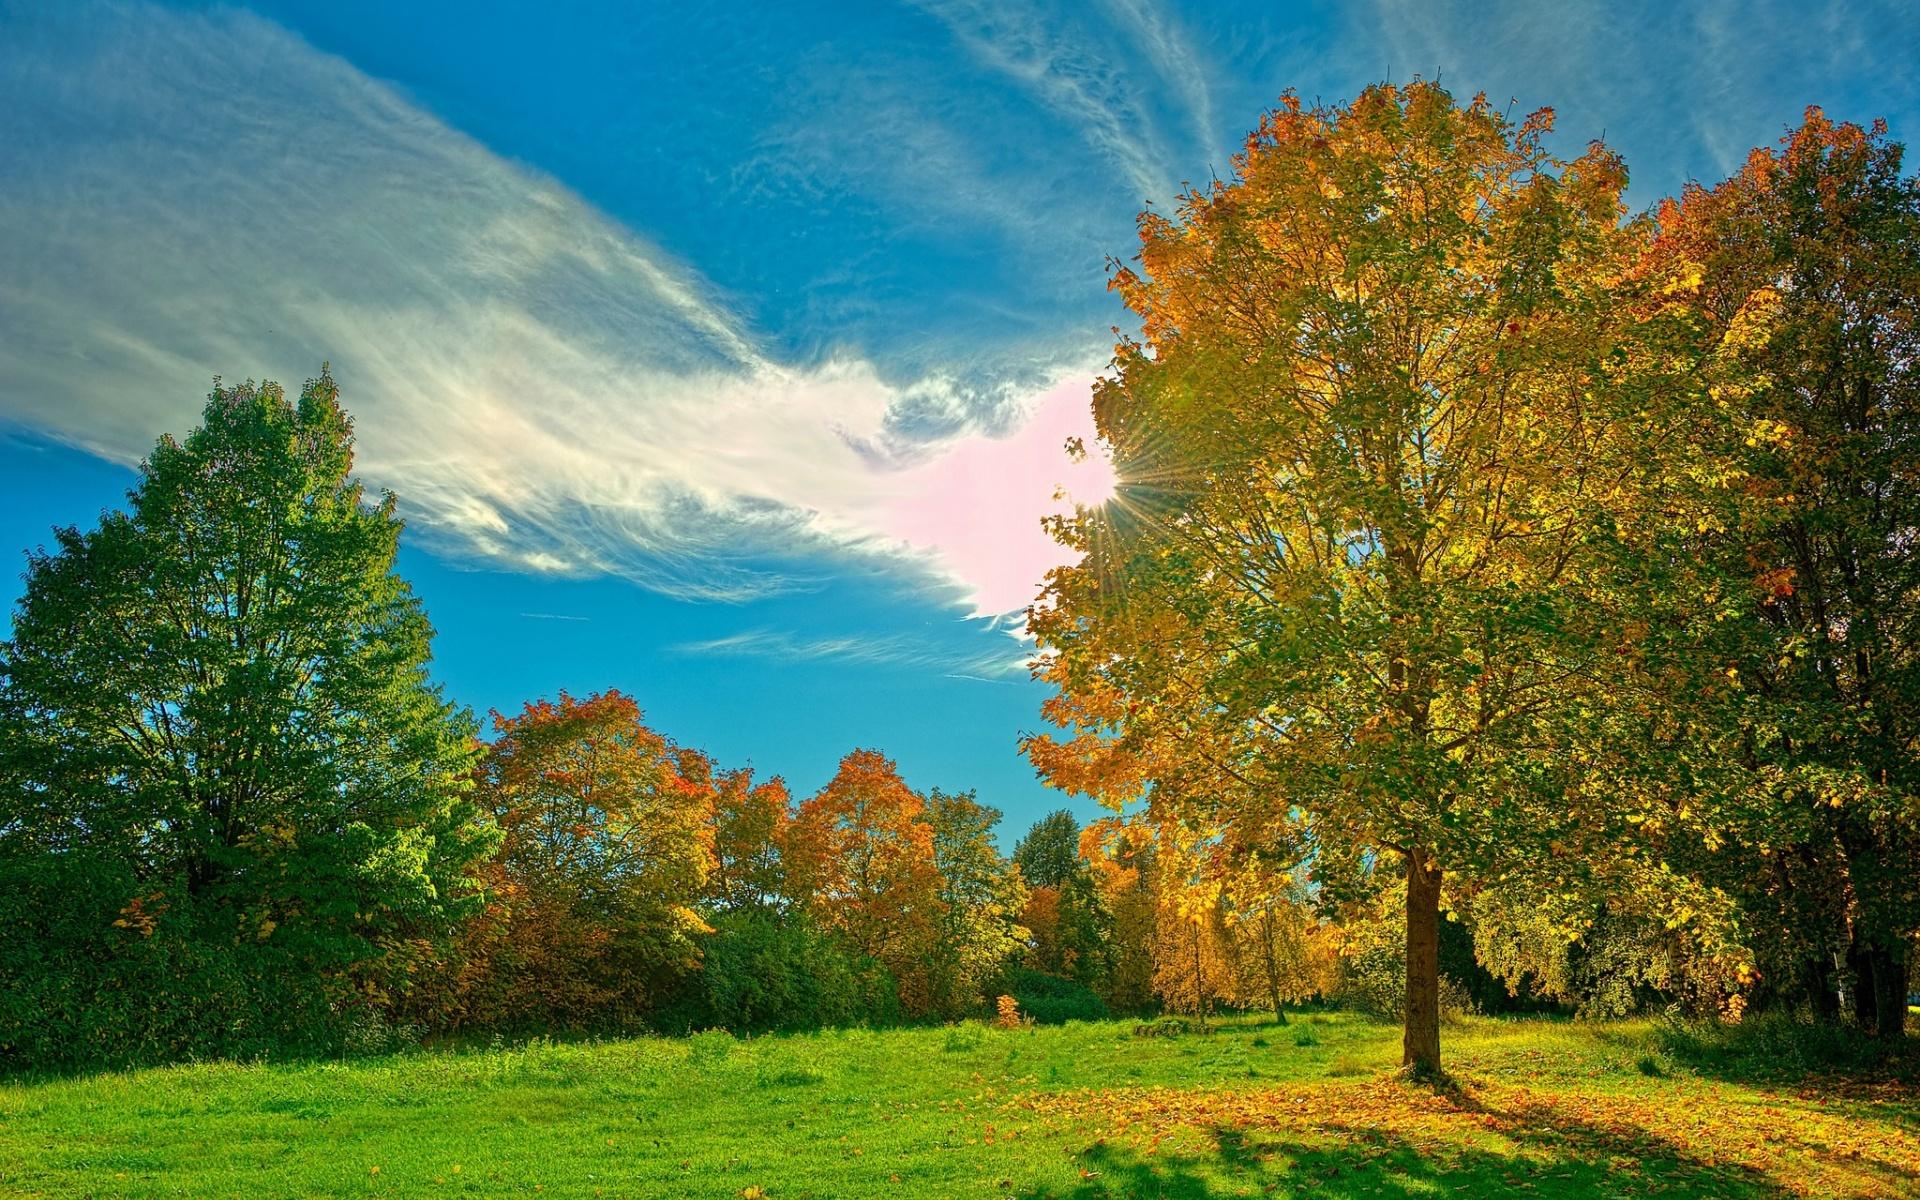 20718 скачать обои Пейзаж, Деревья, Небо, Осень, Облака - заставки и картинки бесплатно